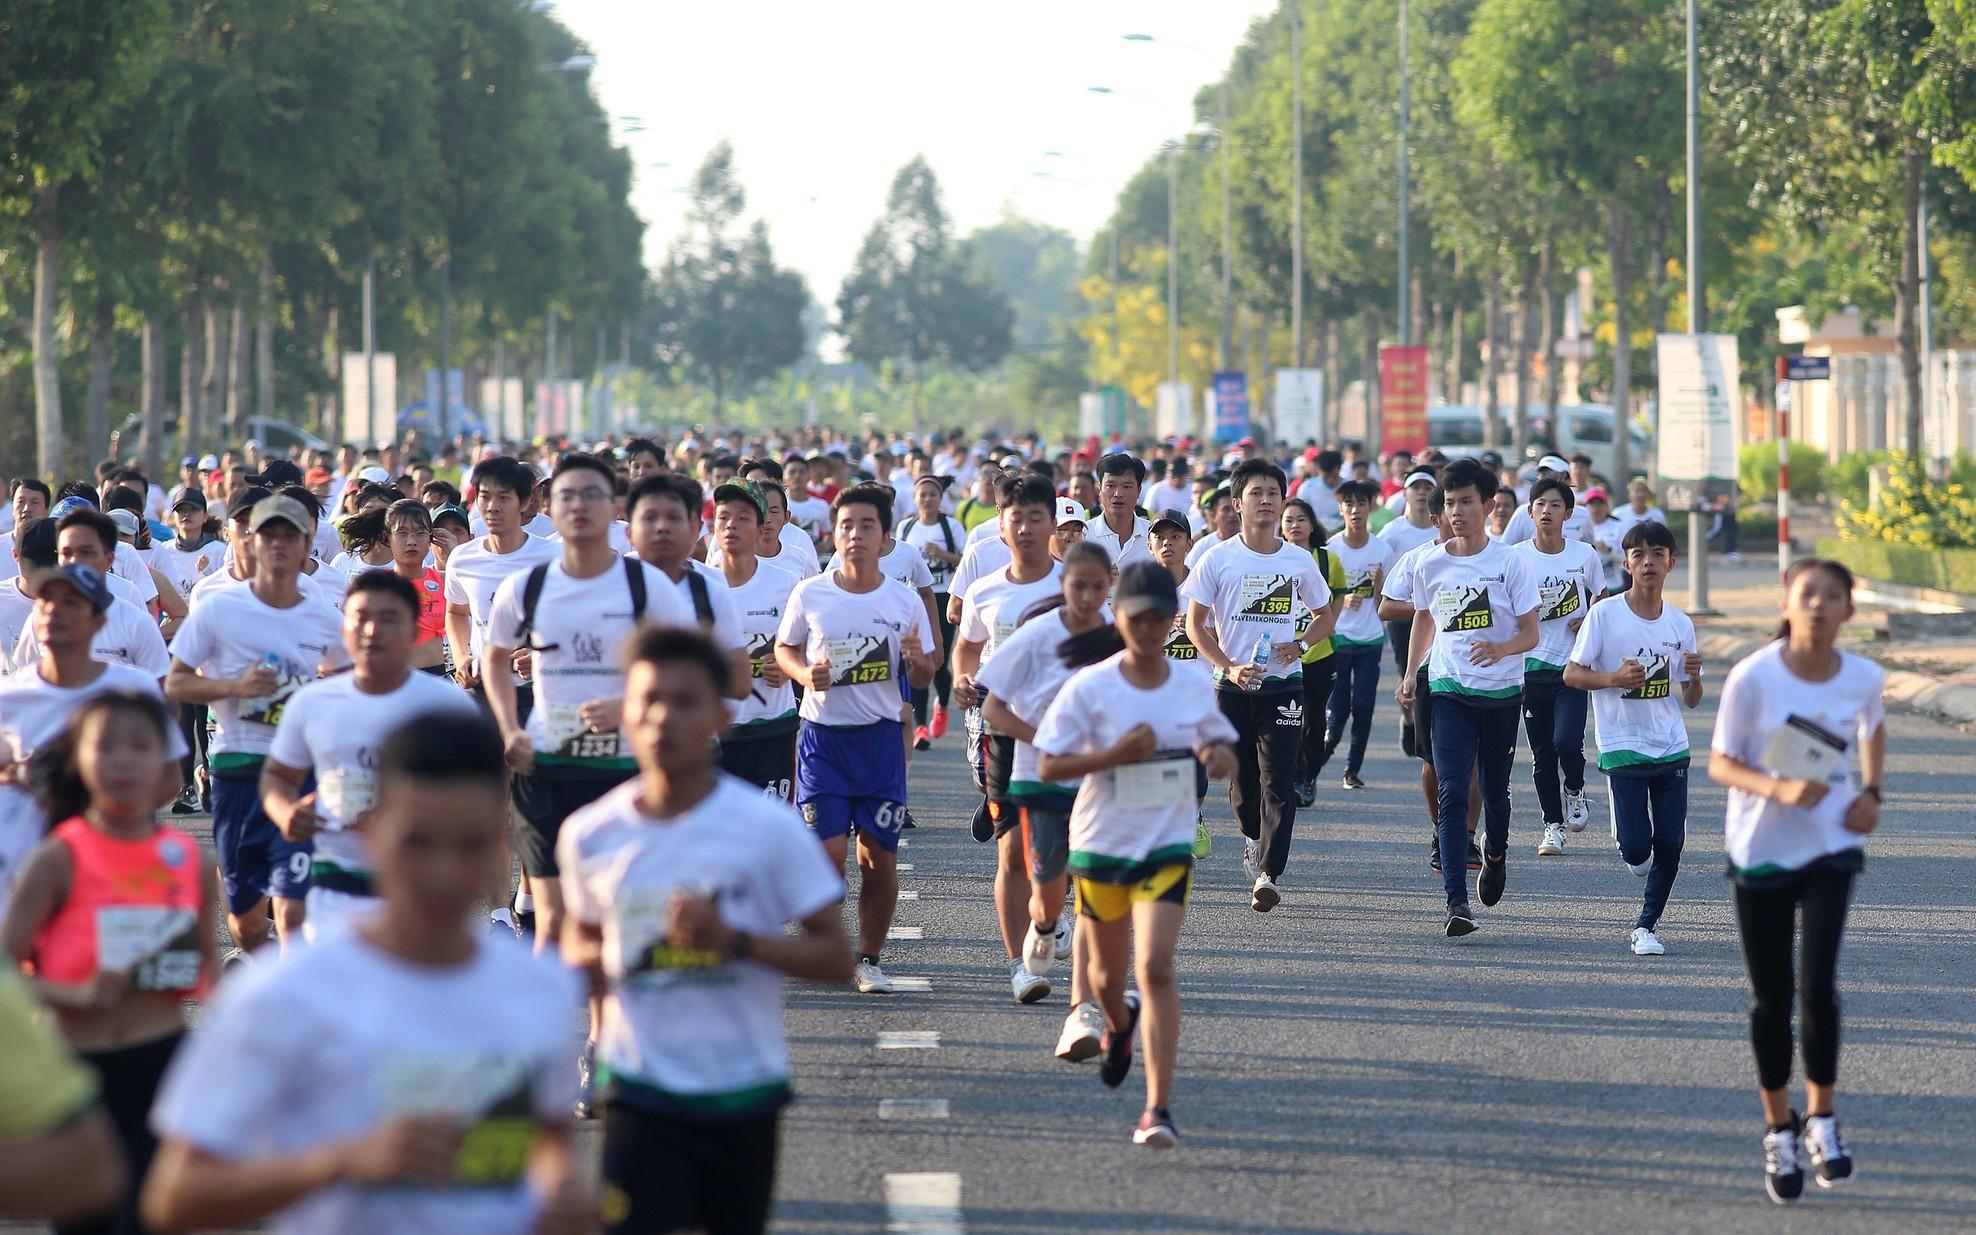 Hàng ngàn vận động viên tham gia giải Marathon quốc tế Hậu Giang 2019